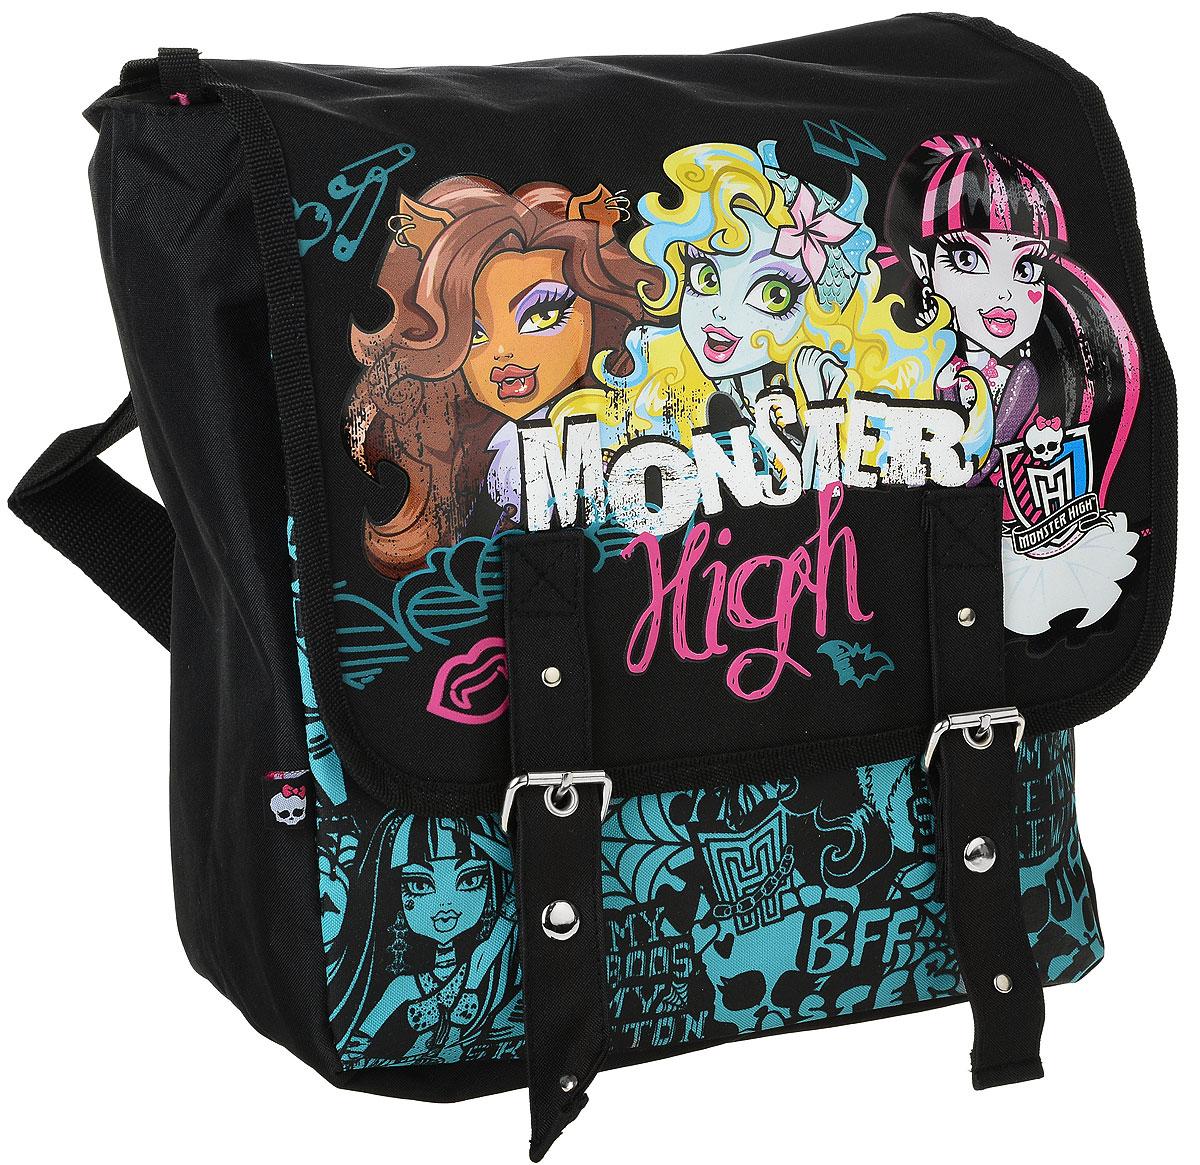 Рюкзак Размер 30 х 28 х 12 см. Monster HighMHBB-MT1-599Этот рюкзак изготовлен из износостойкой легкомоющейся ткани. Сверху рюкзак застегивается на застежку молния, а затем закрывается клапаном на двух магнитных застежках. Внутри рюкзака имеется два маленьких кармашка, а также еще один карман на молнии. Плечевые лямки рюкзака Monster High Pink регулируются по длине. Кроме того у рюкзака имеется дополнительная ручка для ношения его в руке. Если Вы ищите подарок девочке, можете быть уверенными, рюкзак Monster High Night непременно придется ей по вкусу!